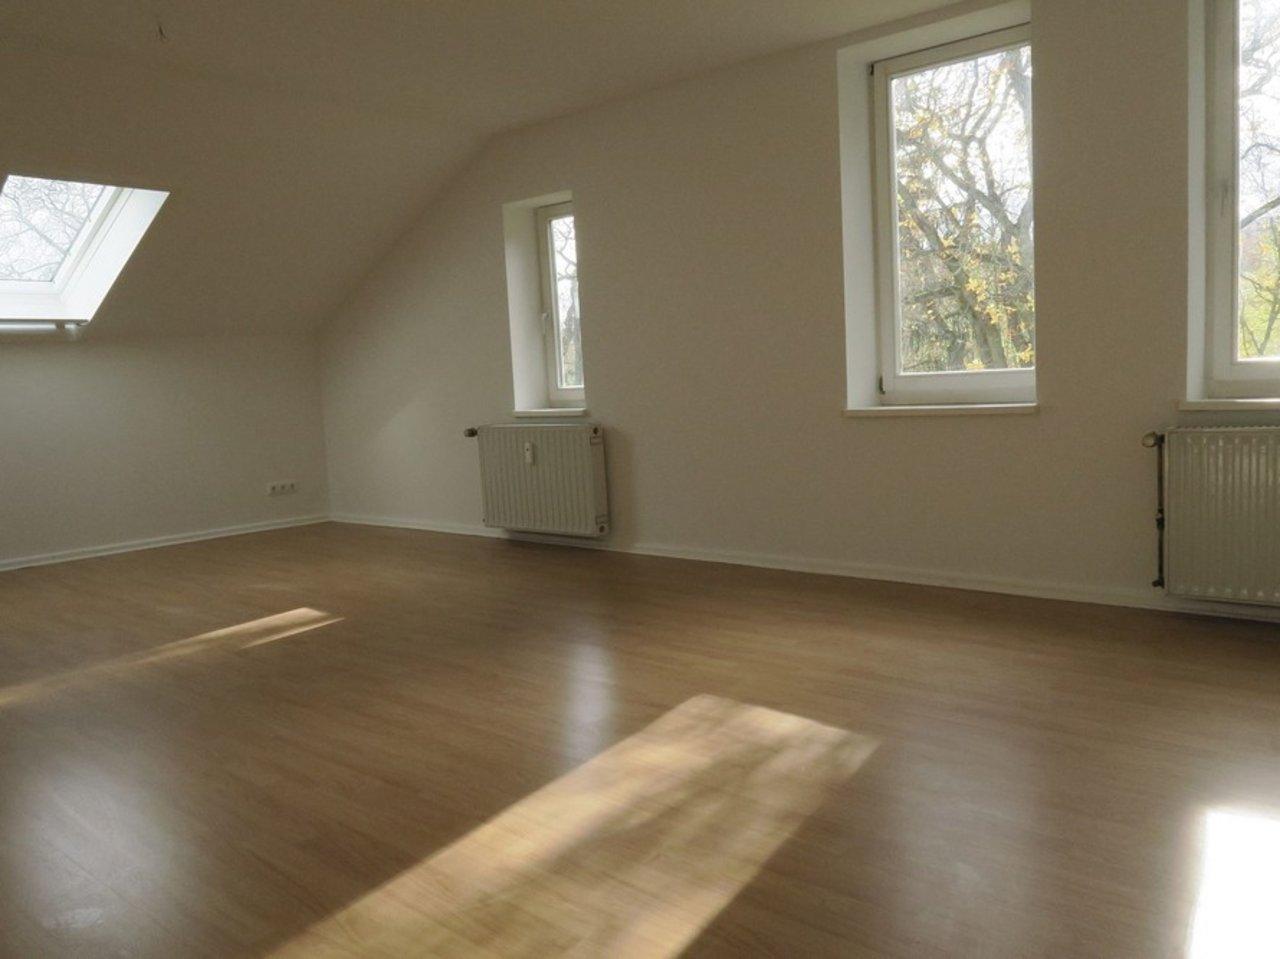 Sonnige, familienfreundliche Wohnung am südlichen Stadtrand von Arnstadt-Wohnen